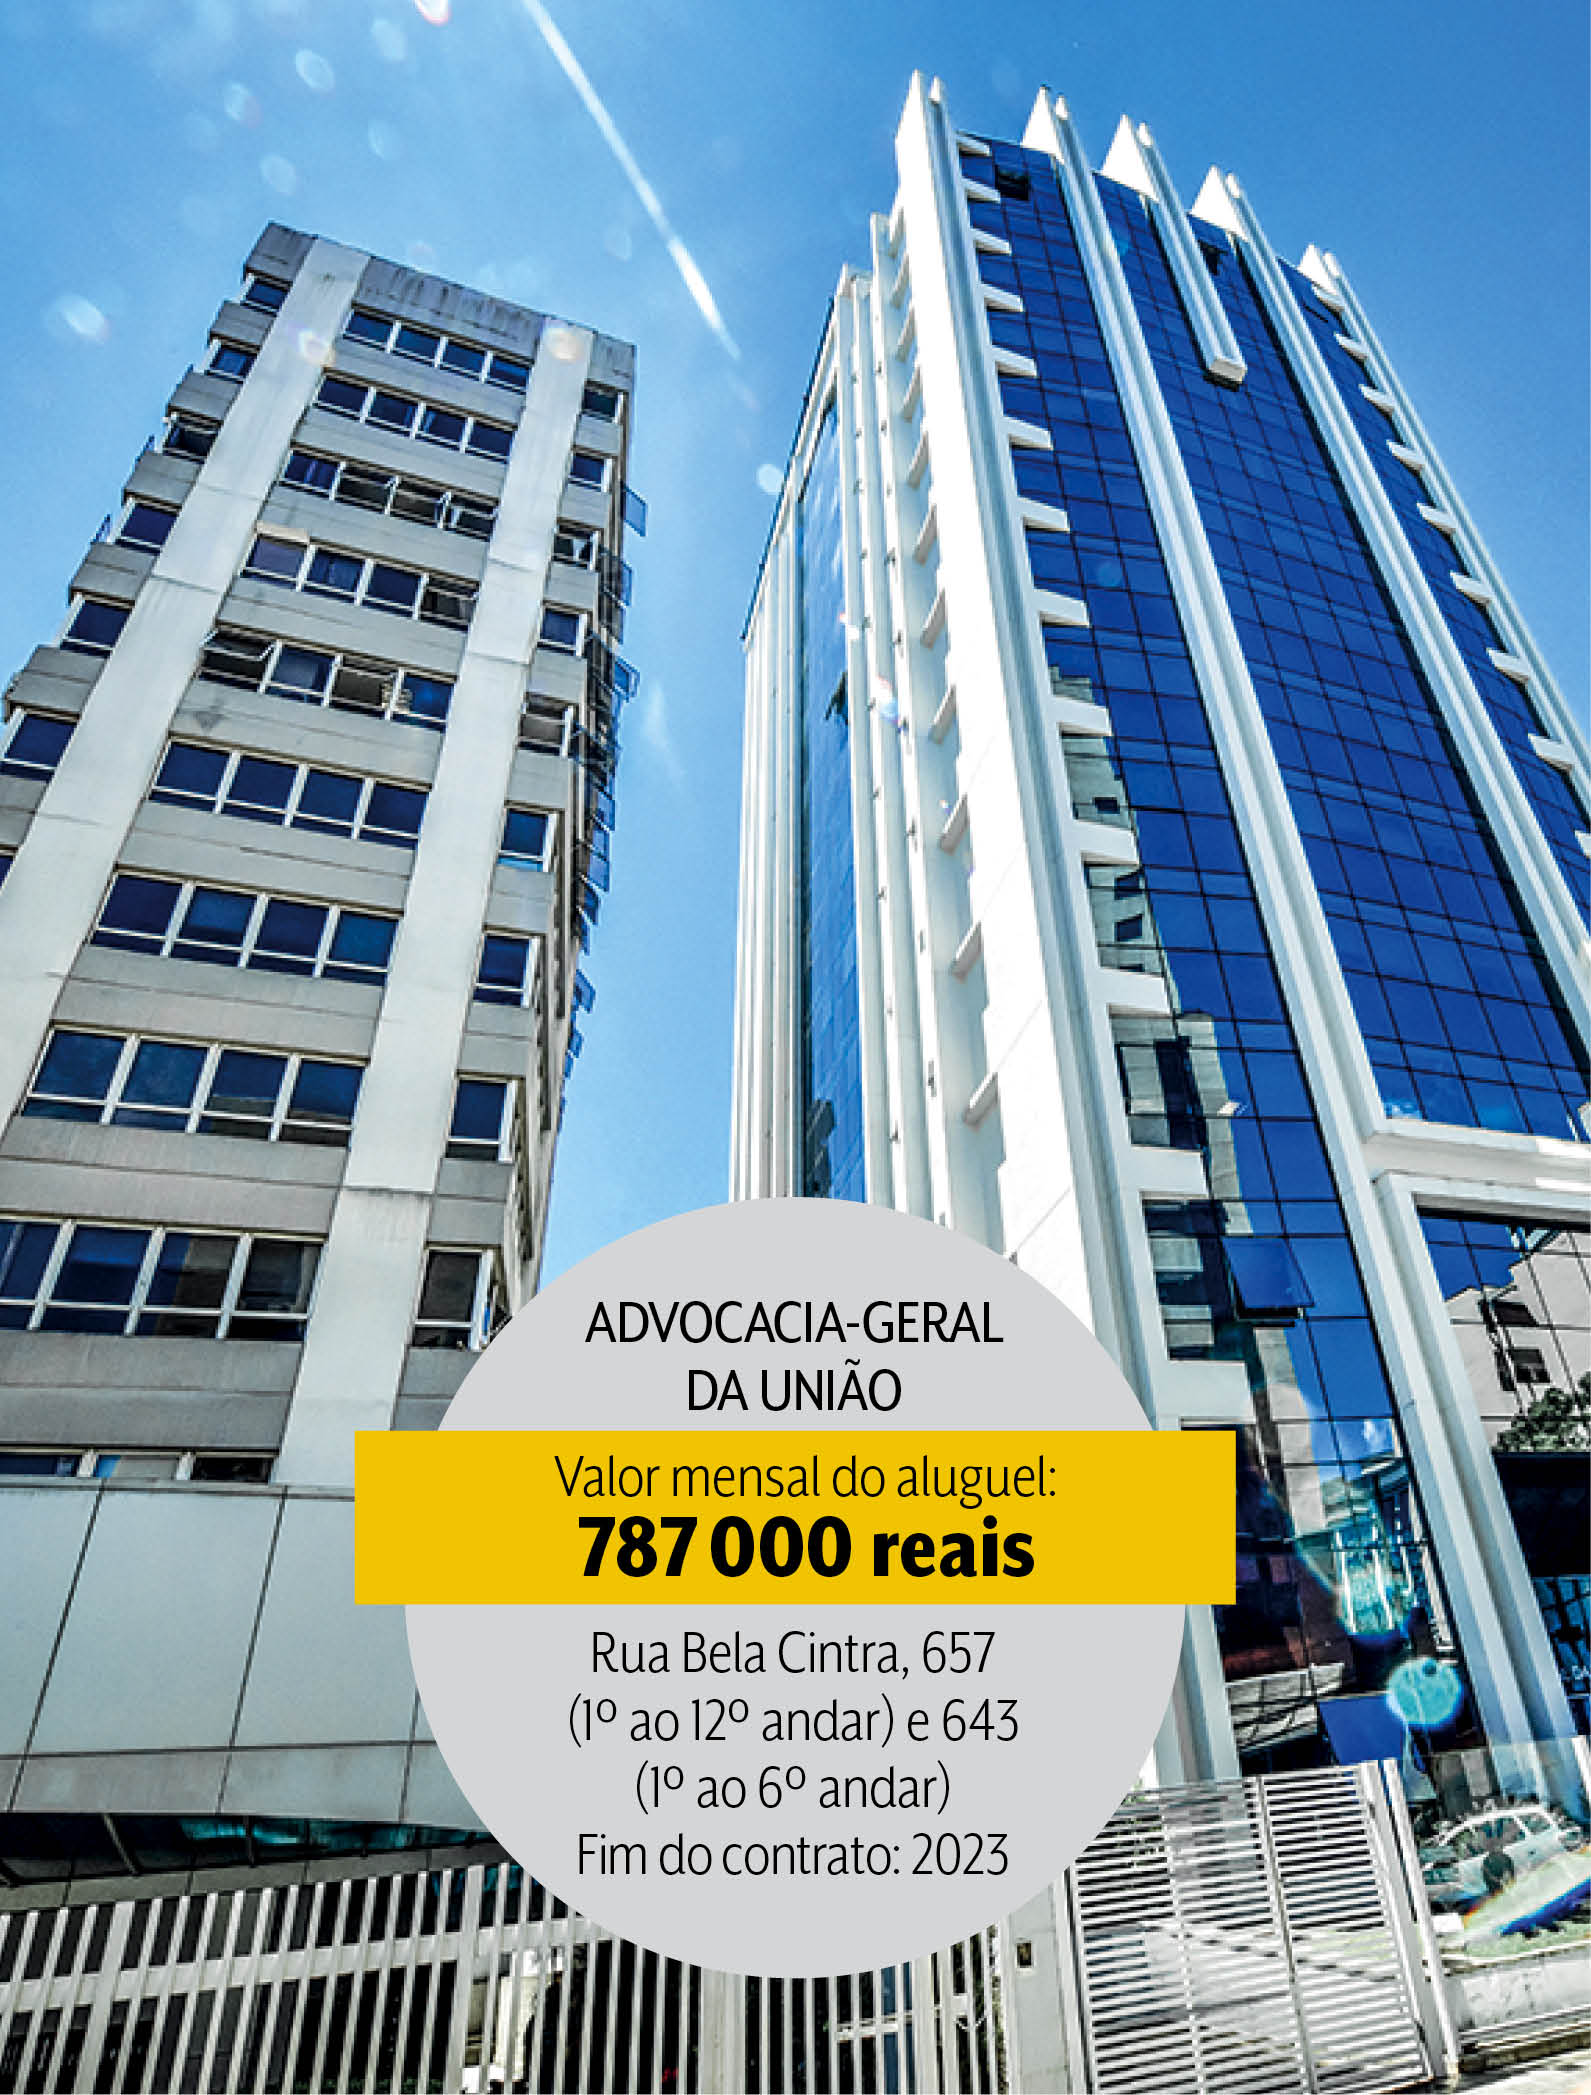 Advocacia-Geral da União: 9,4 milhões de reais em dois edifícios na Rua Bela Cintra